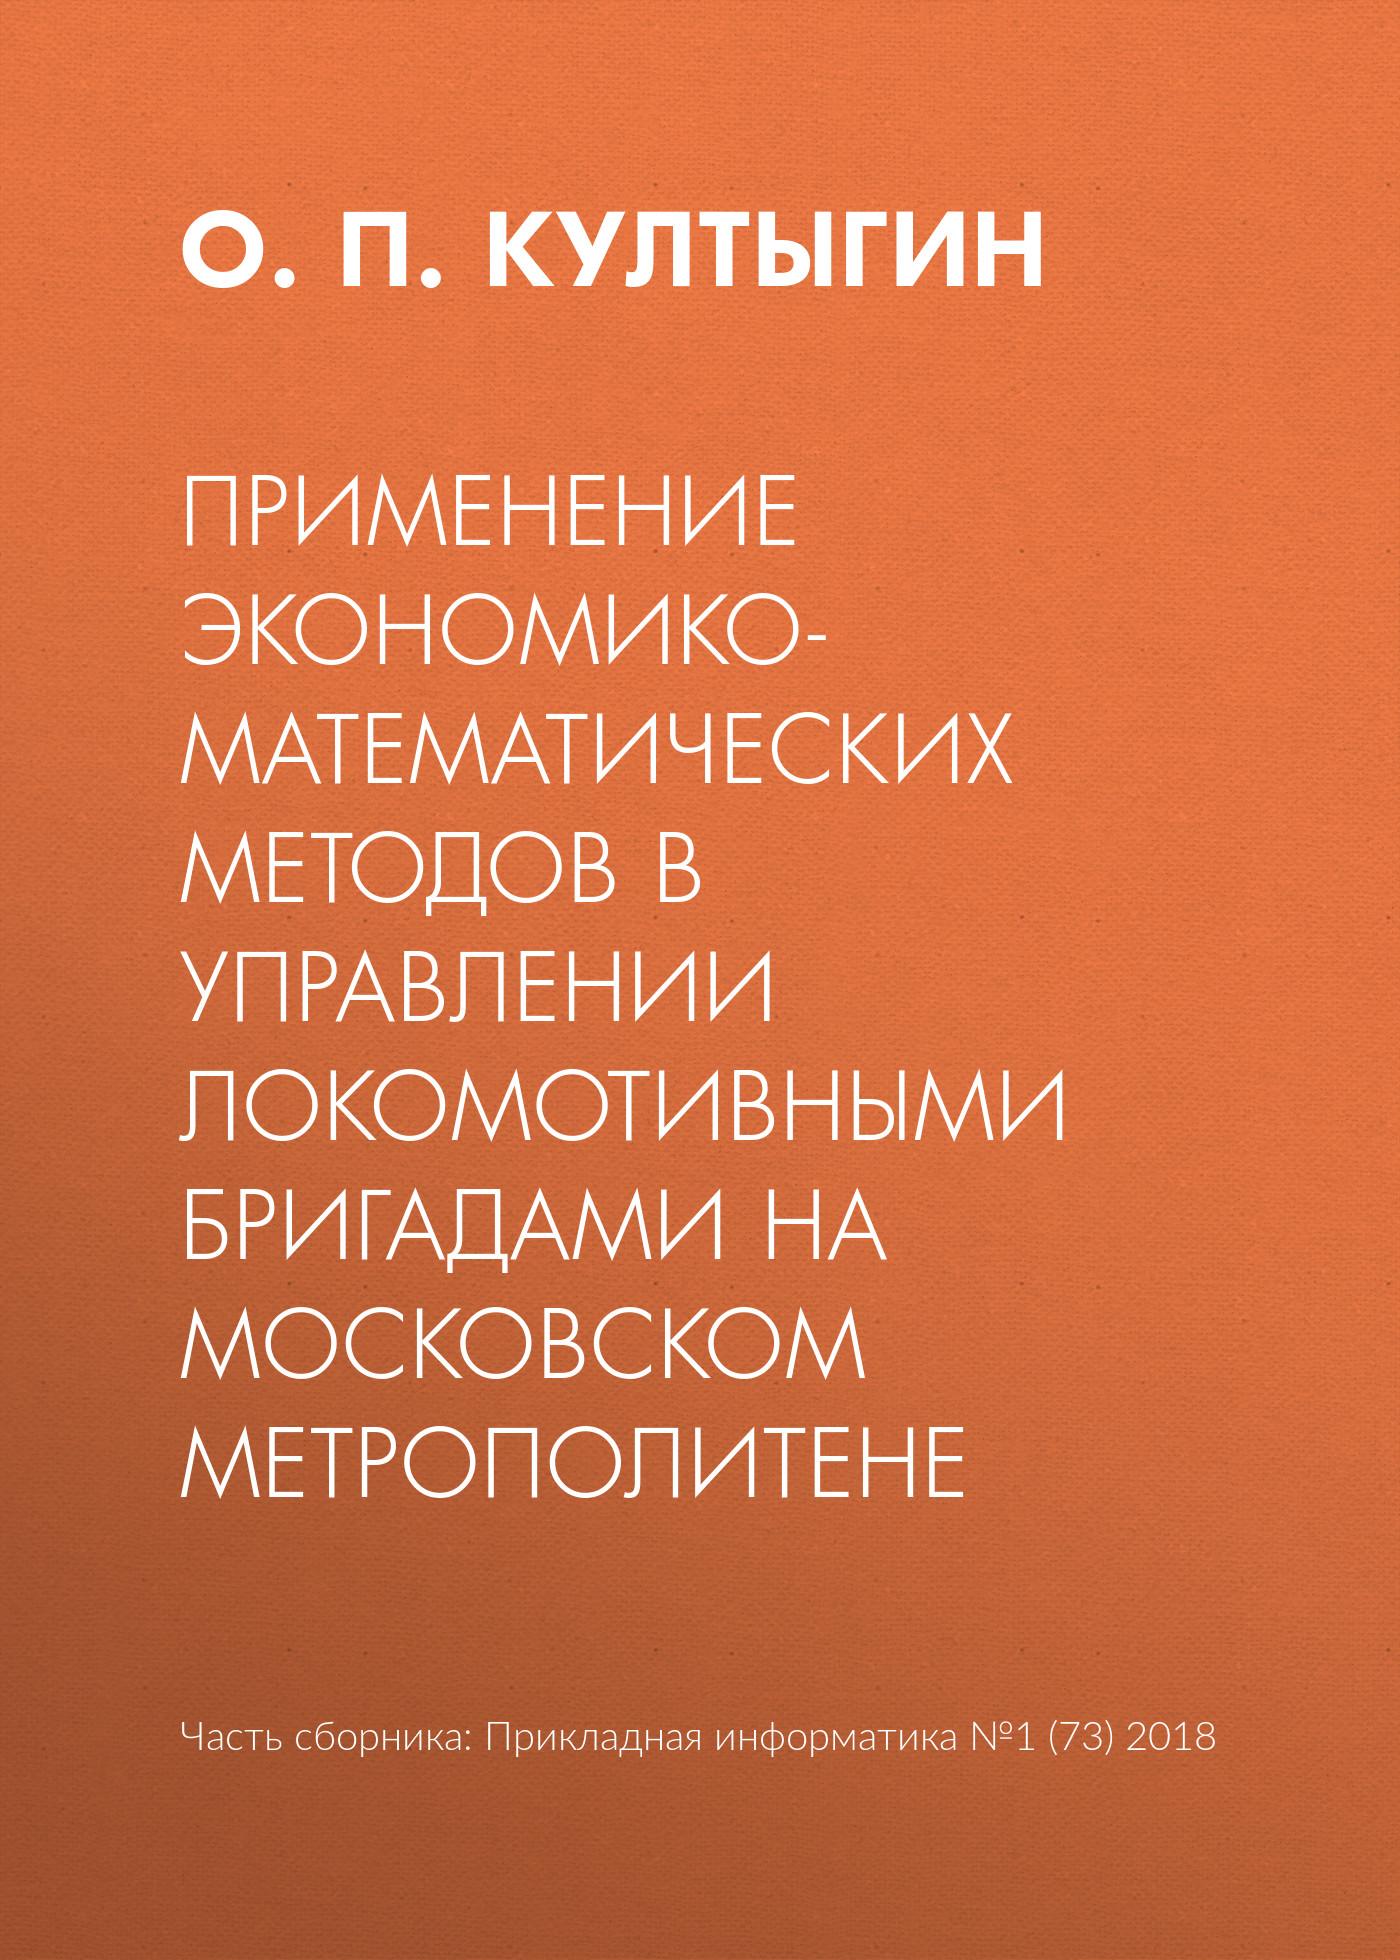 О. П. Култыгин Применение экономико-математических методов в управлении локомотивными бригадами на Московском метрополитене